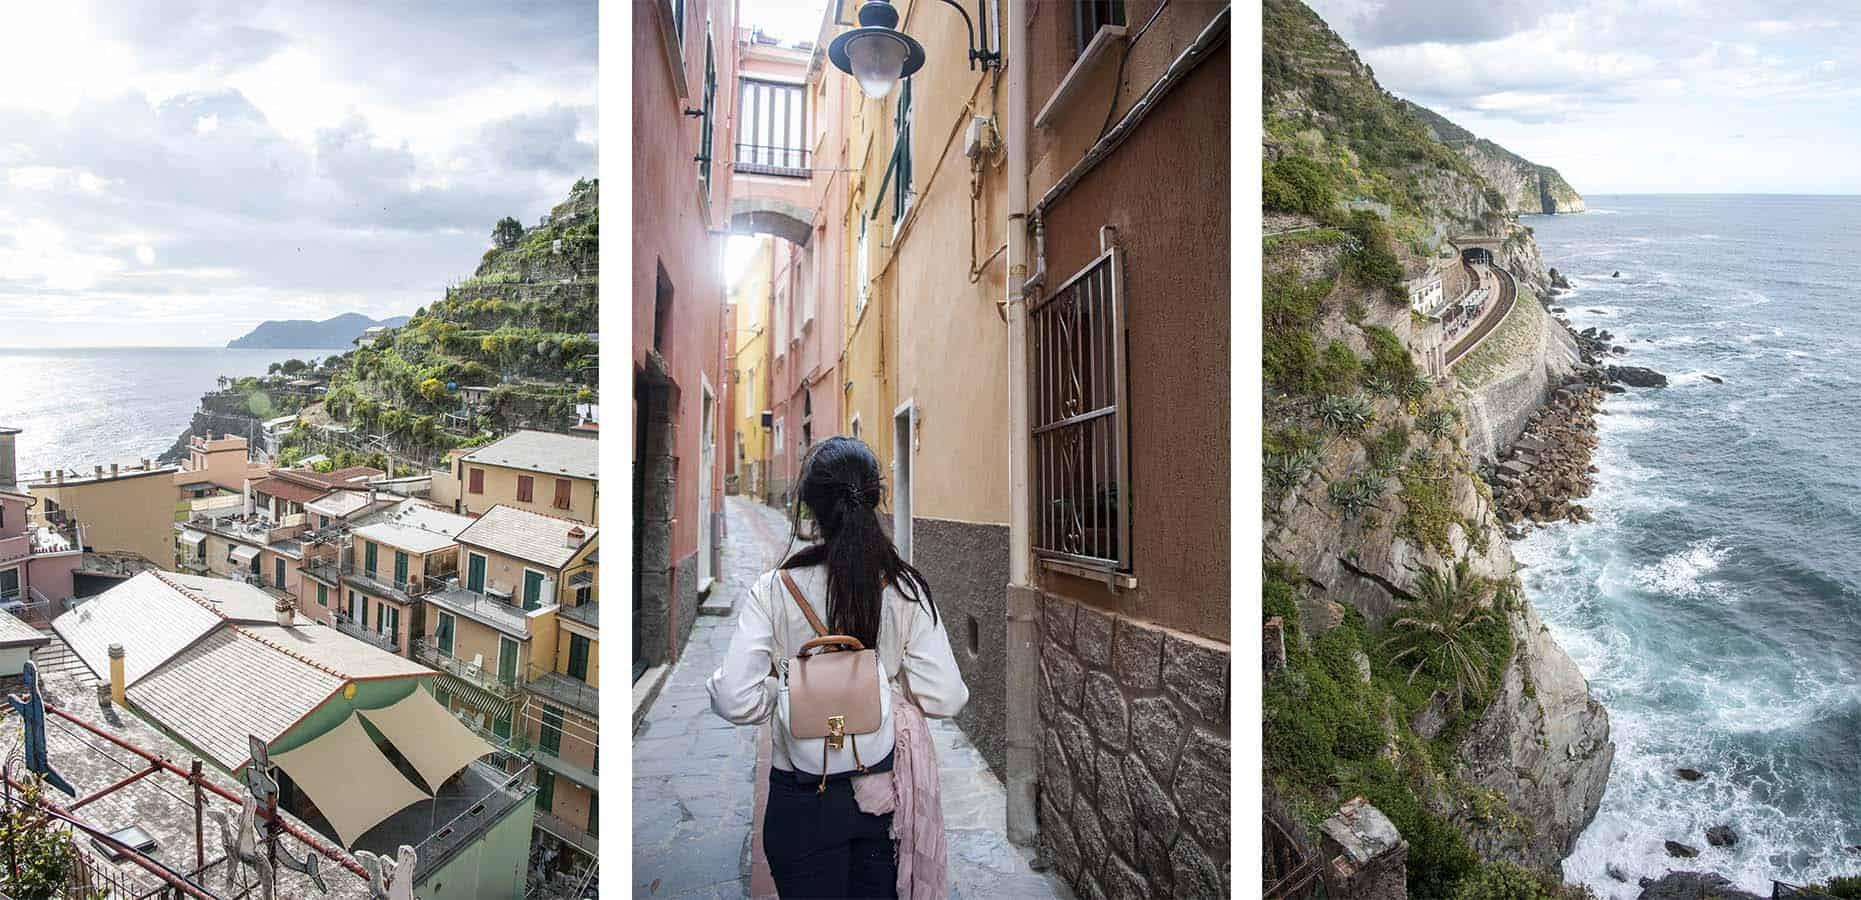 visitar corniglia itália